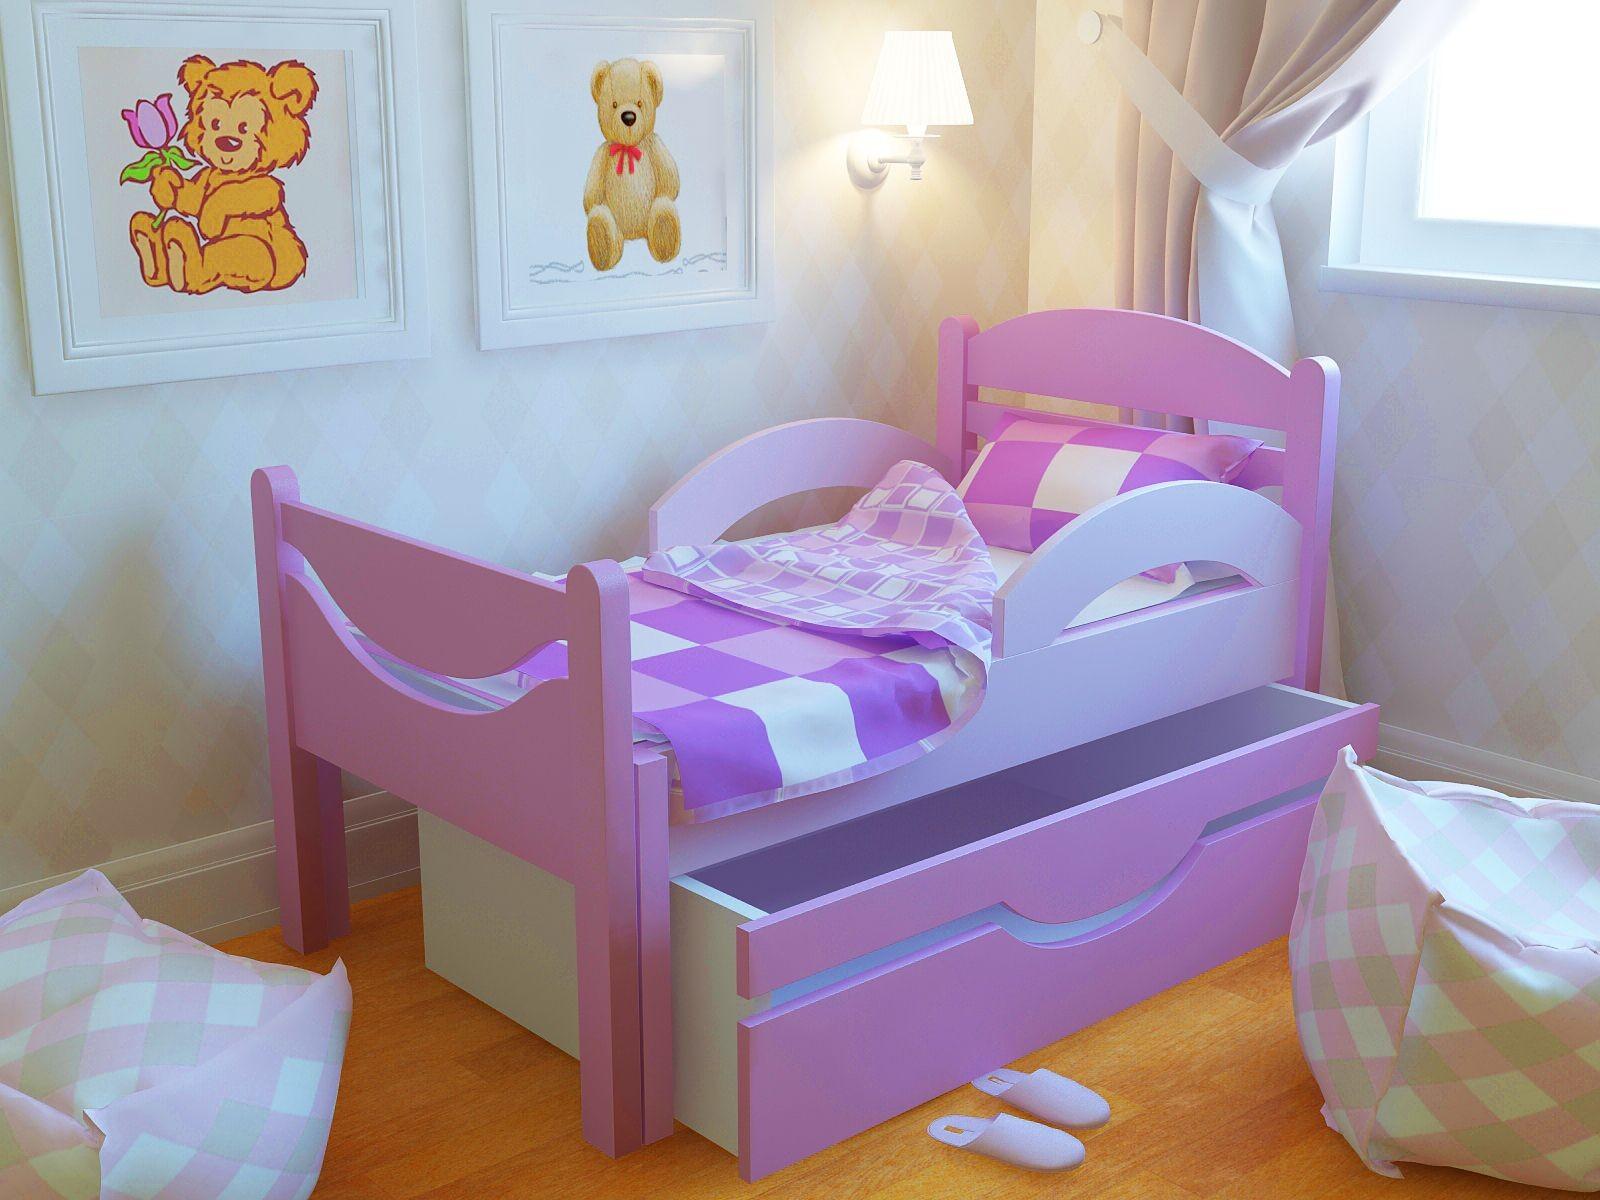 Ростушка-Простушка СМЯ2Б70 детская раздвижная кровать серии Я расту для мальчиков и девочек детей от 2-3 лет